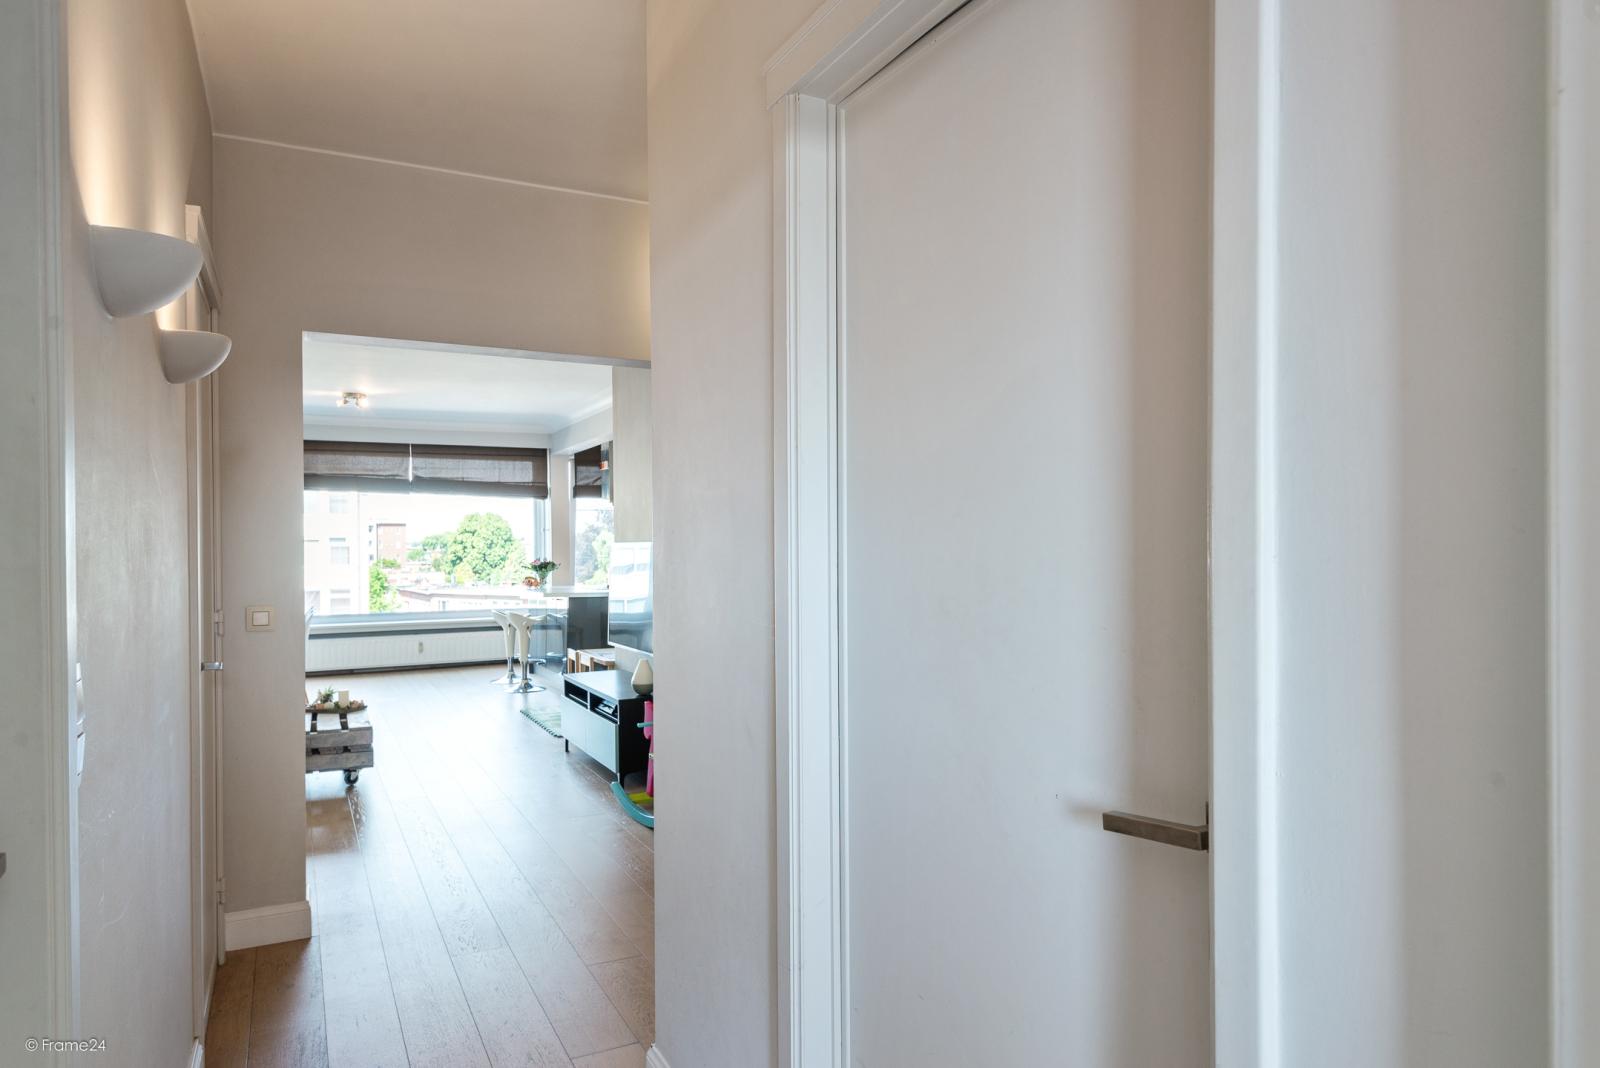 Prachtig 2-slpk appartement met lift op een goede locatie te Deurne! afbeelding 12